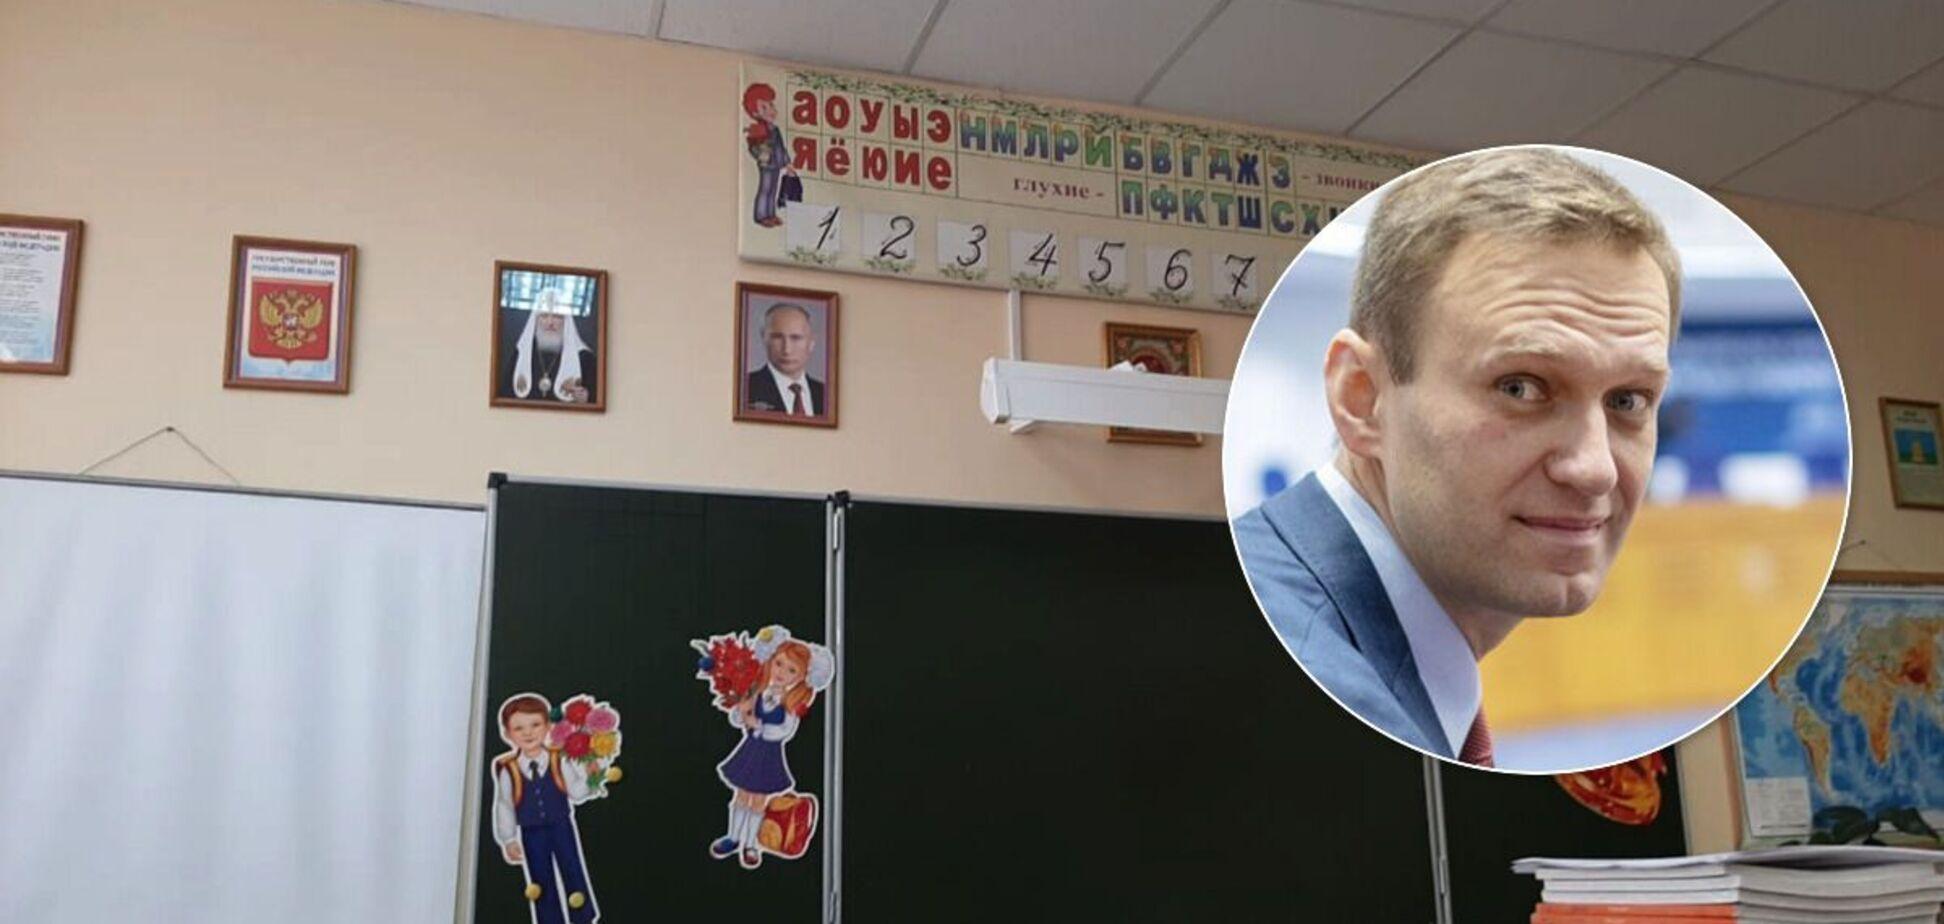 В российских школах висят портреты Путина